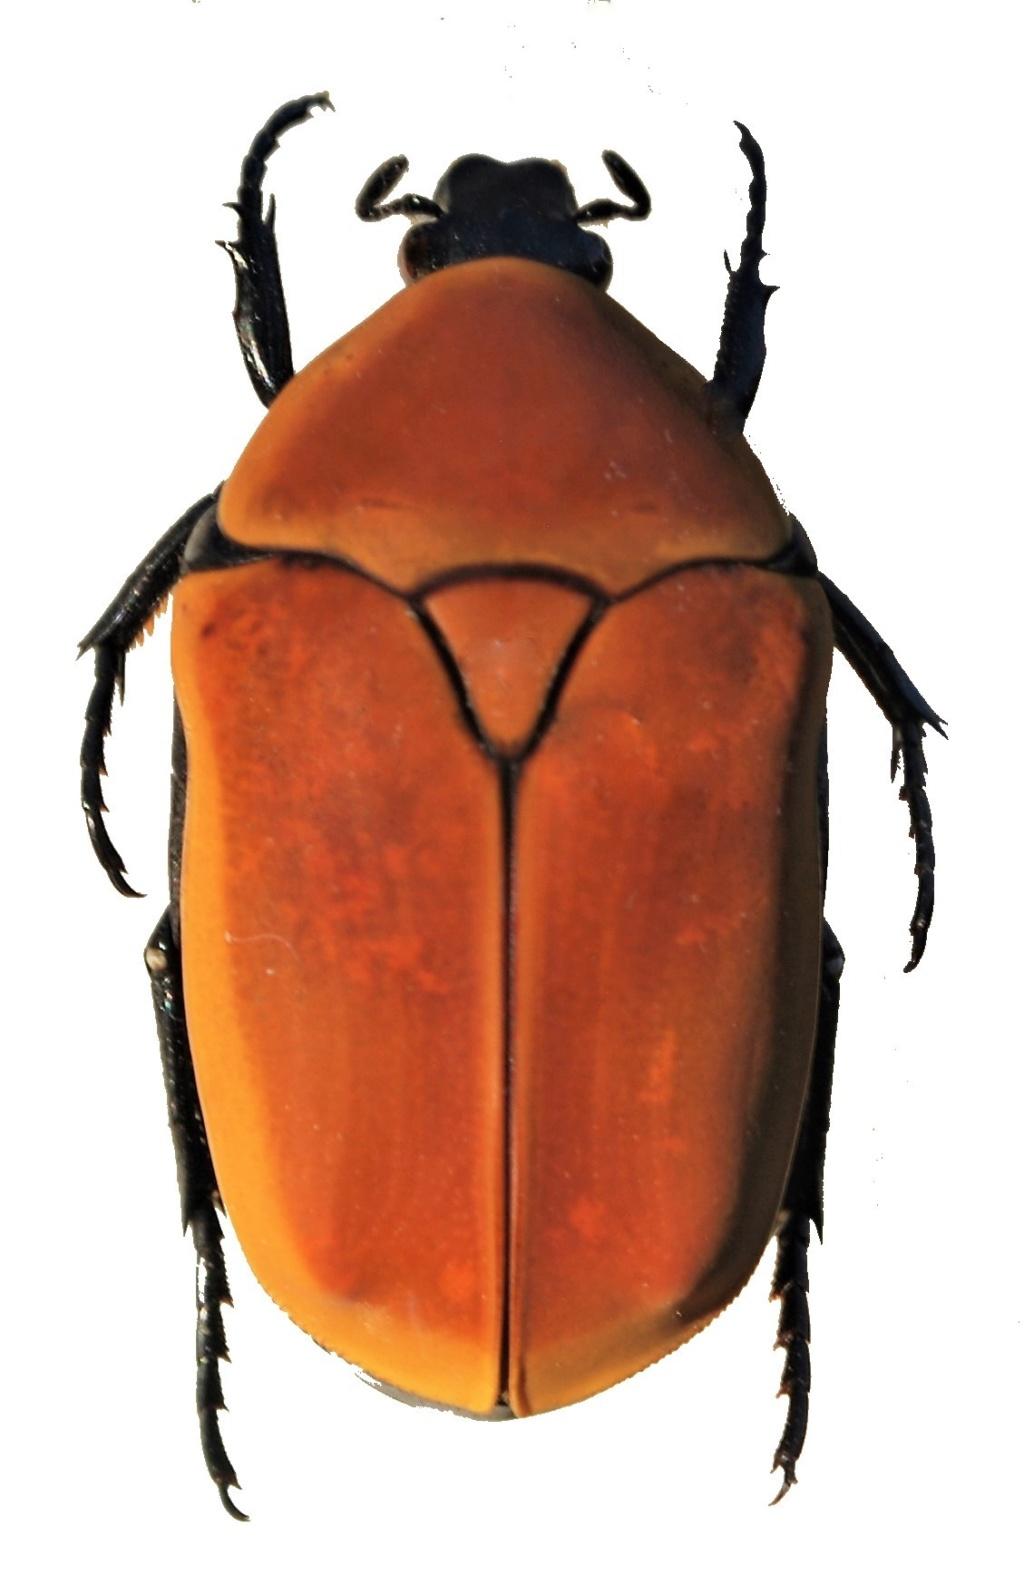 Pachnoda savigny Gory et Percheron 1833 ssp. consentanea Schaum - Page 2 Pachno10